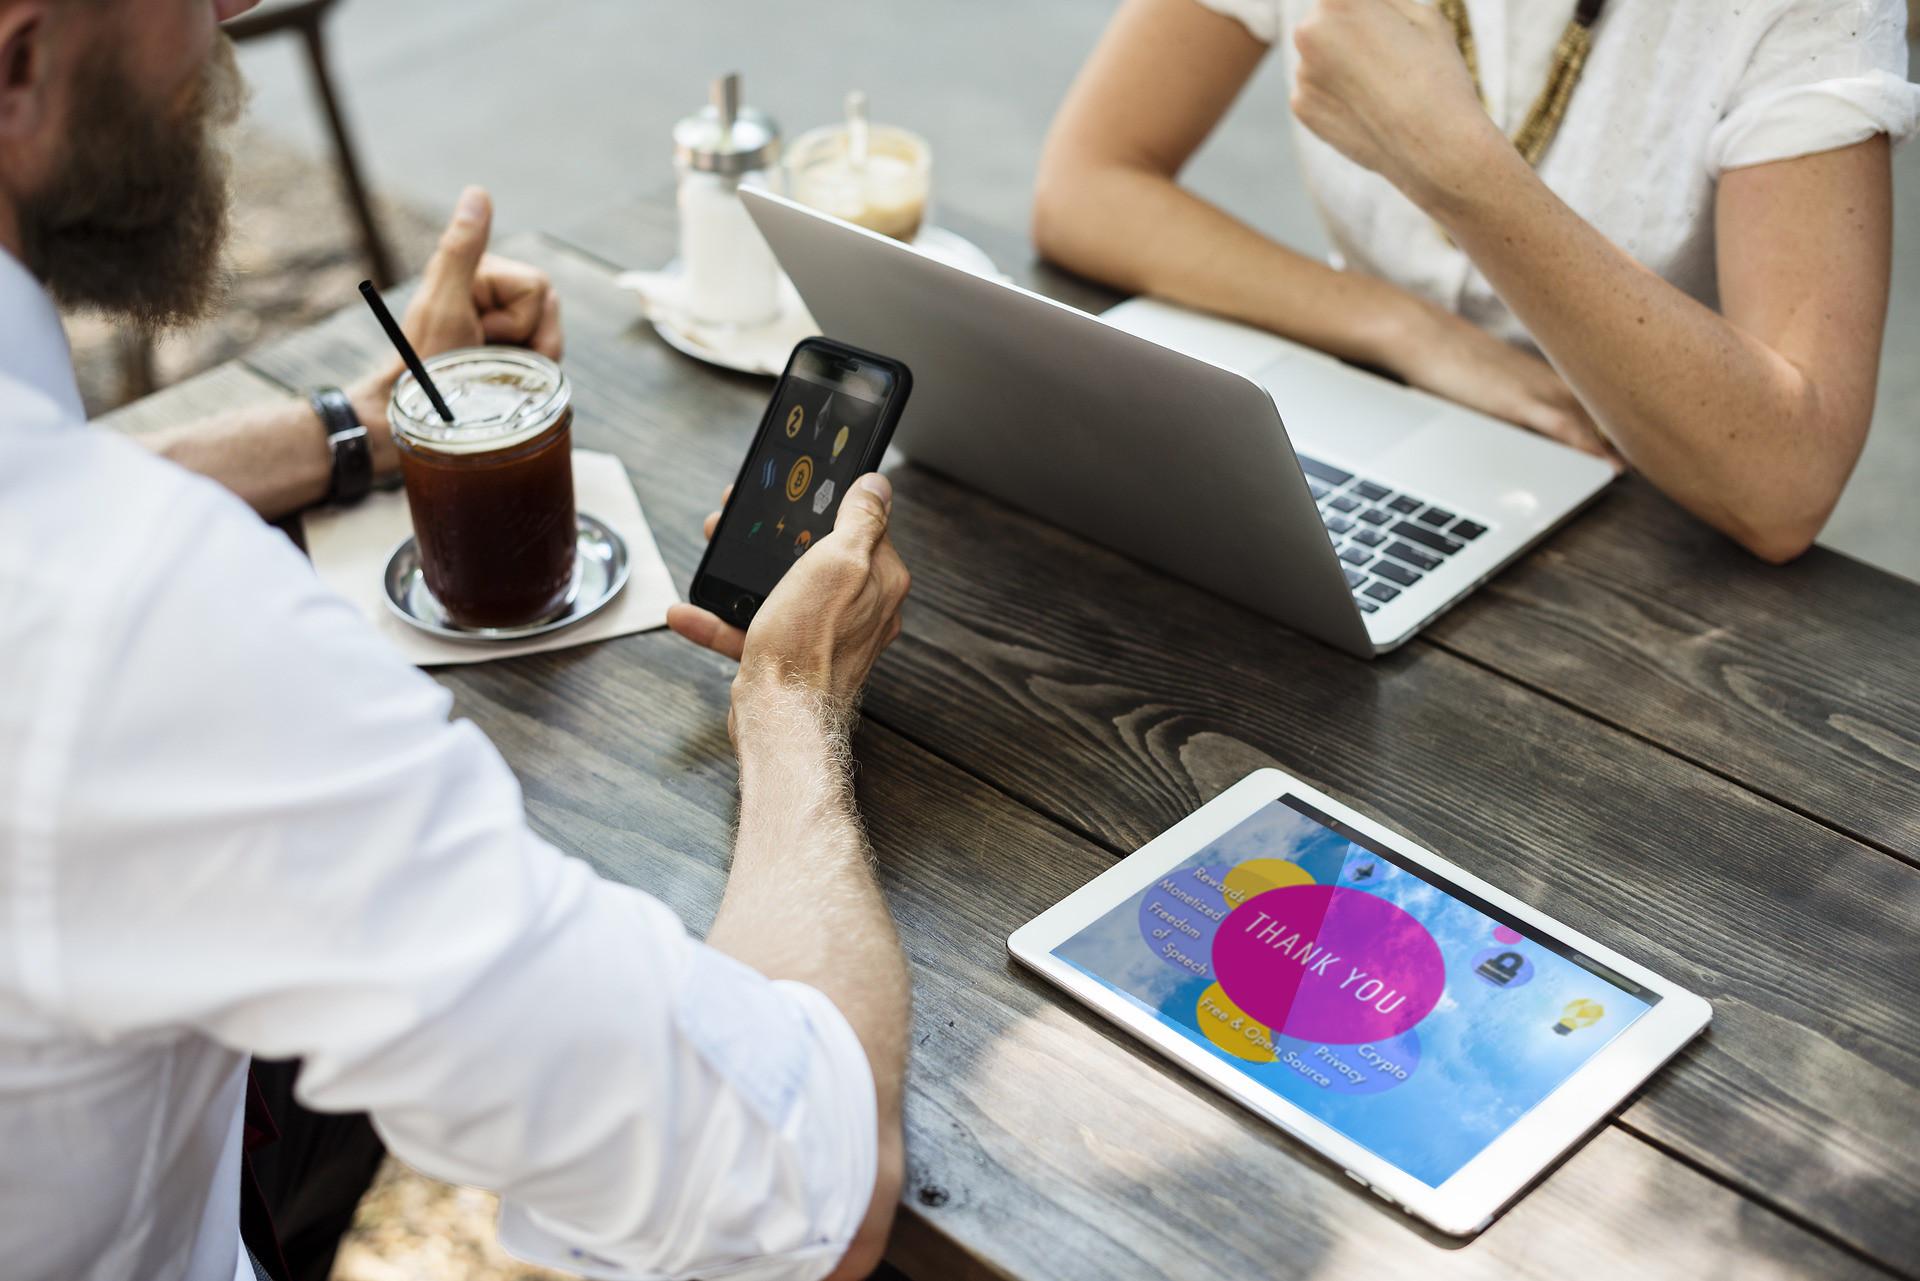 Personen sitzen an einem Tisch, auf dem digitale Geräte liegen